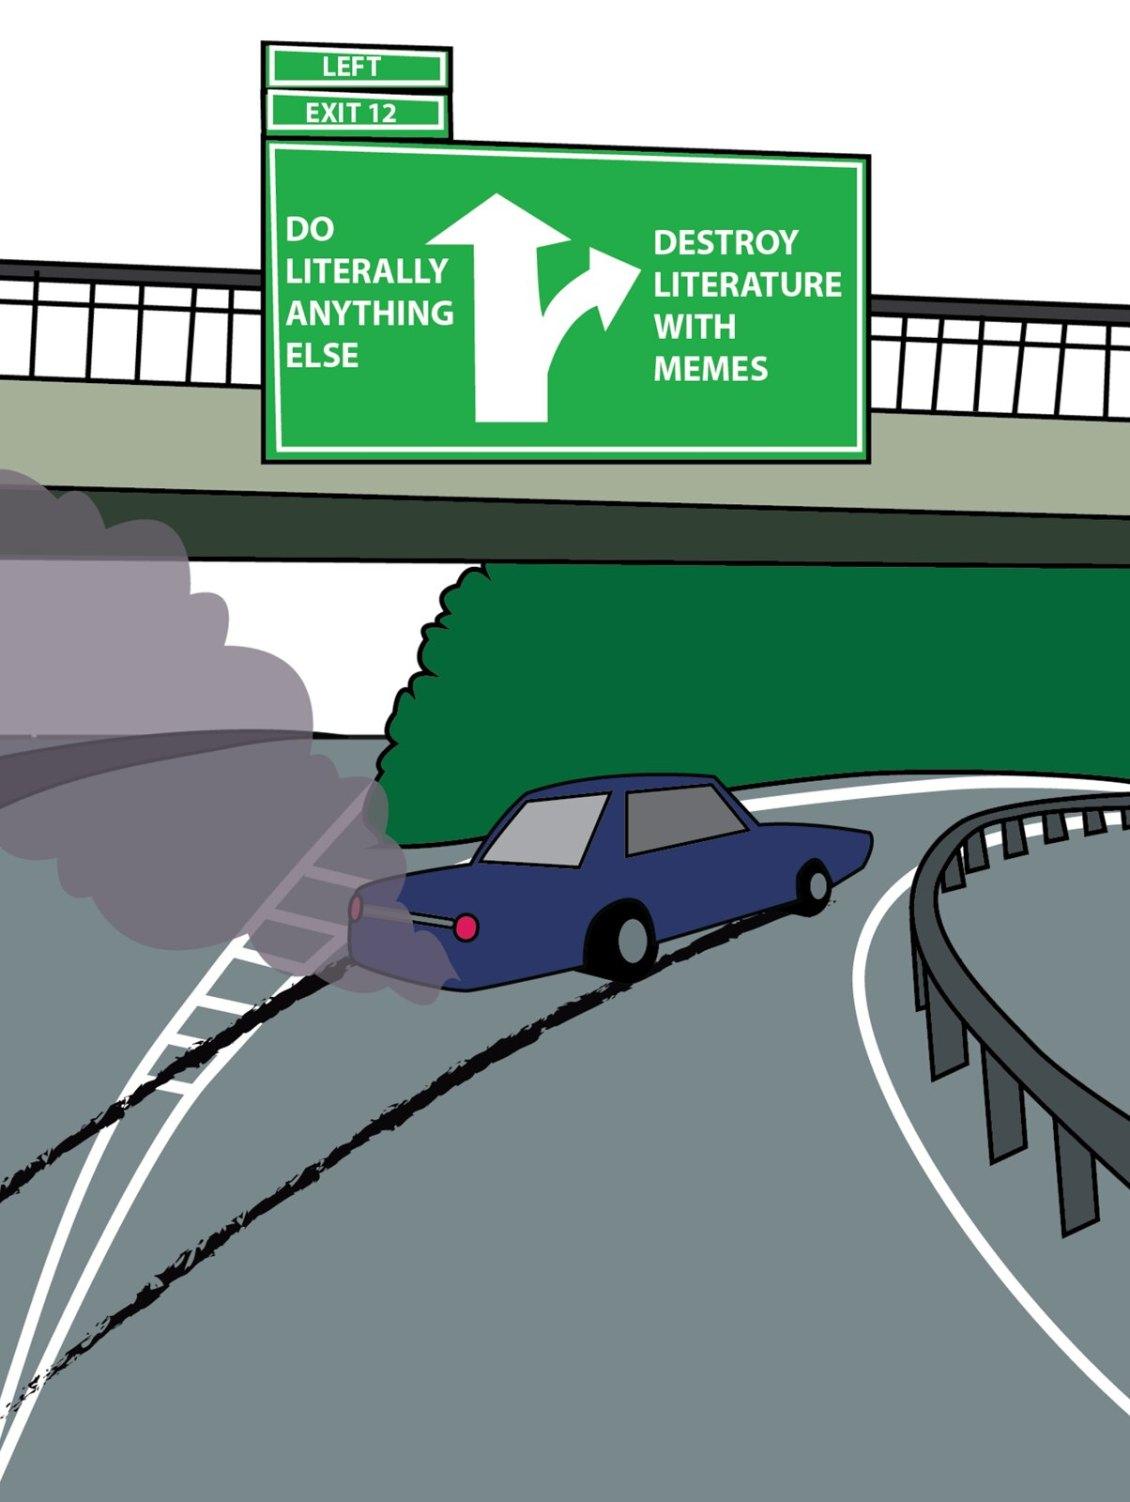 memes destorying literature illustration